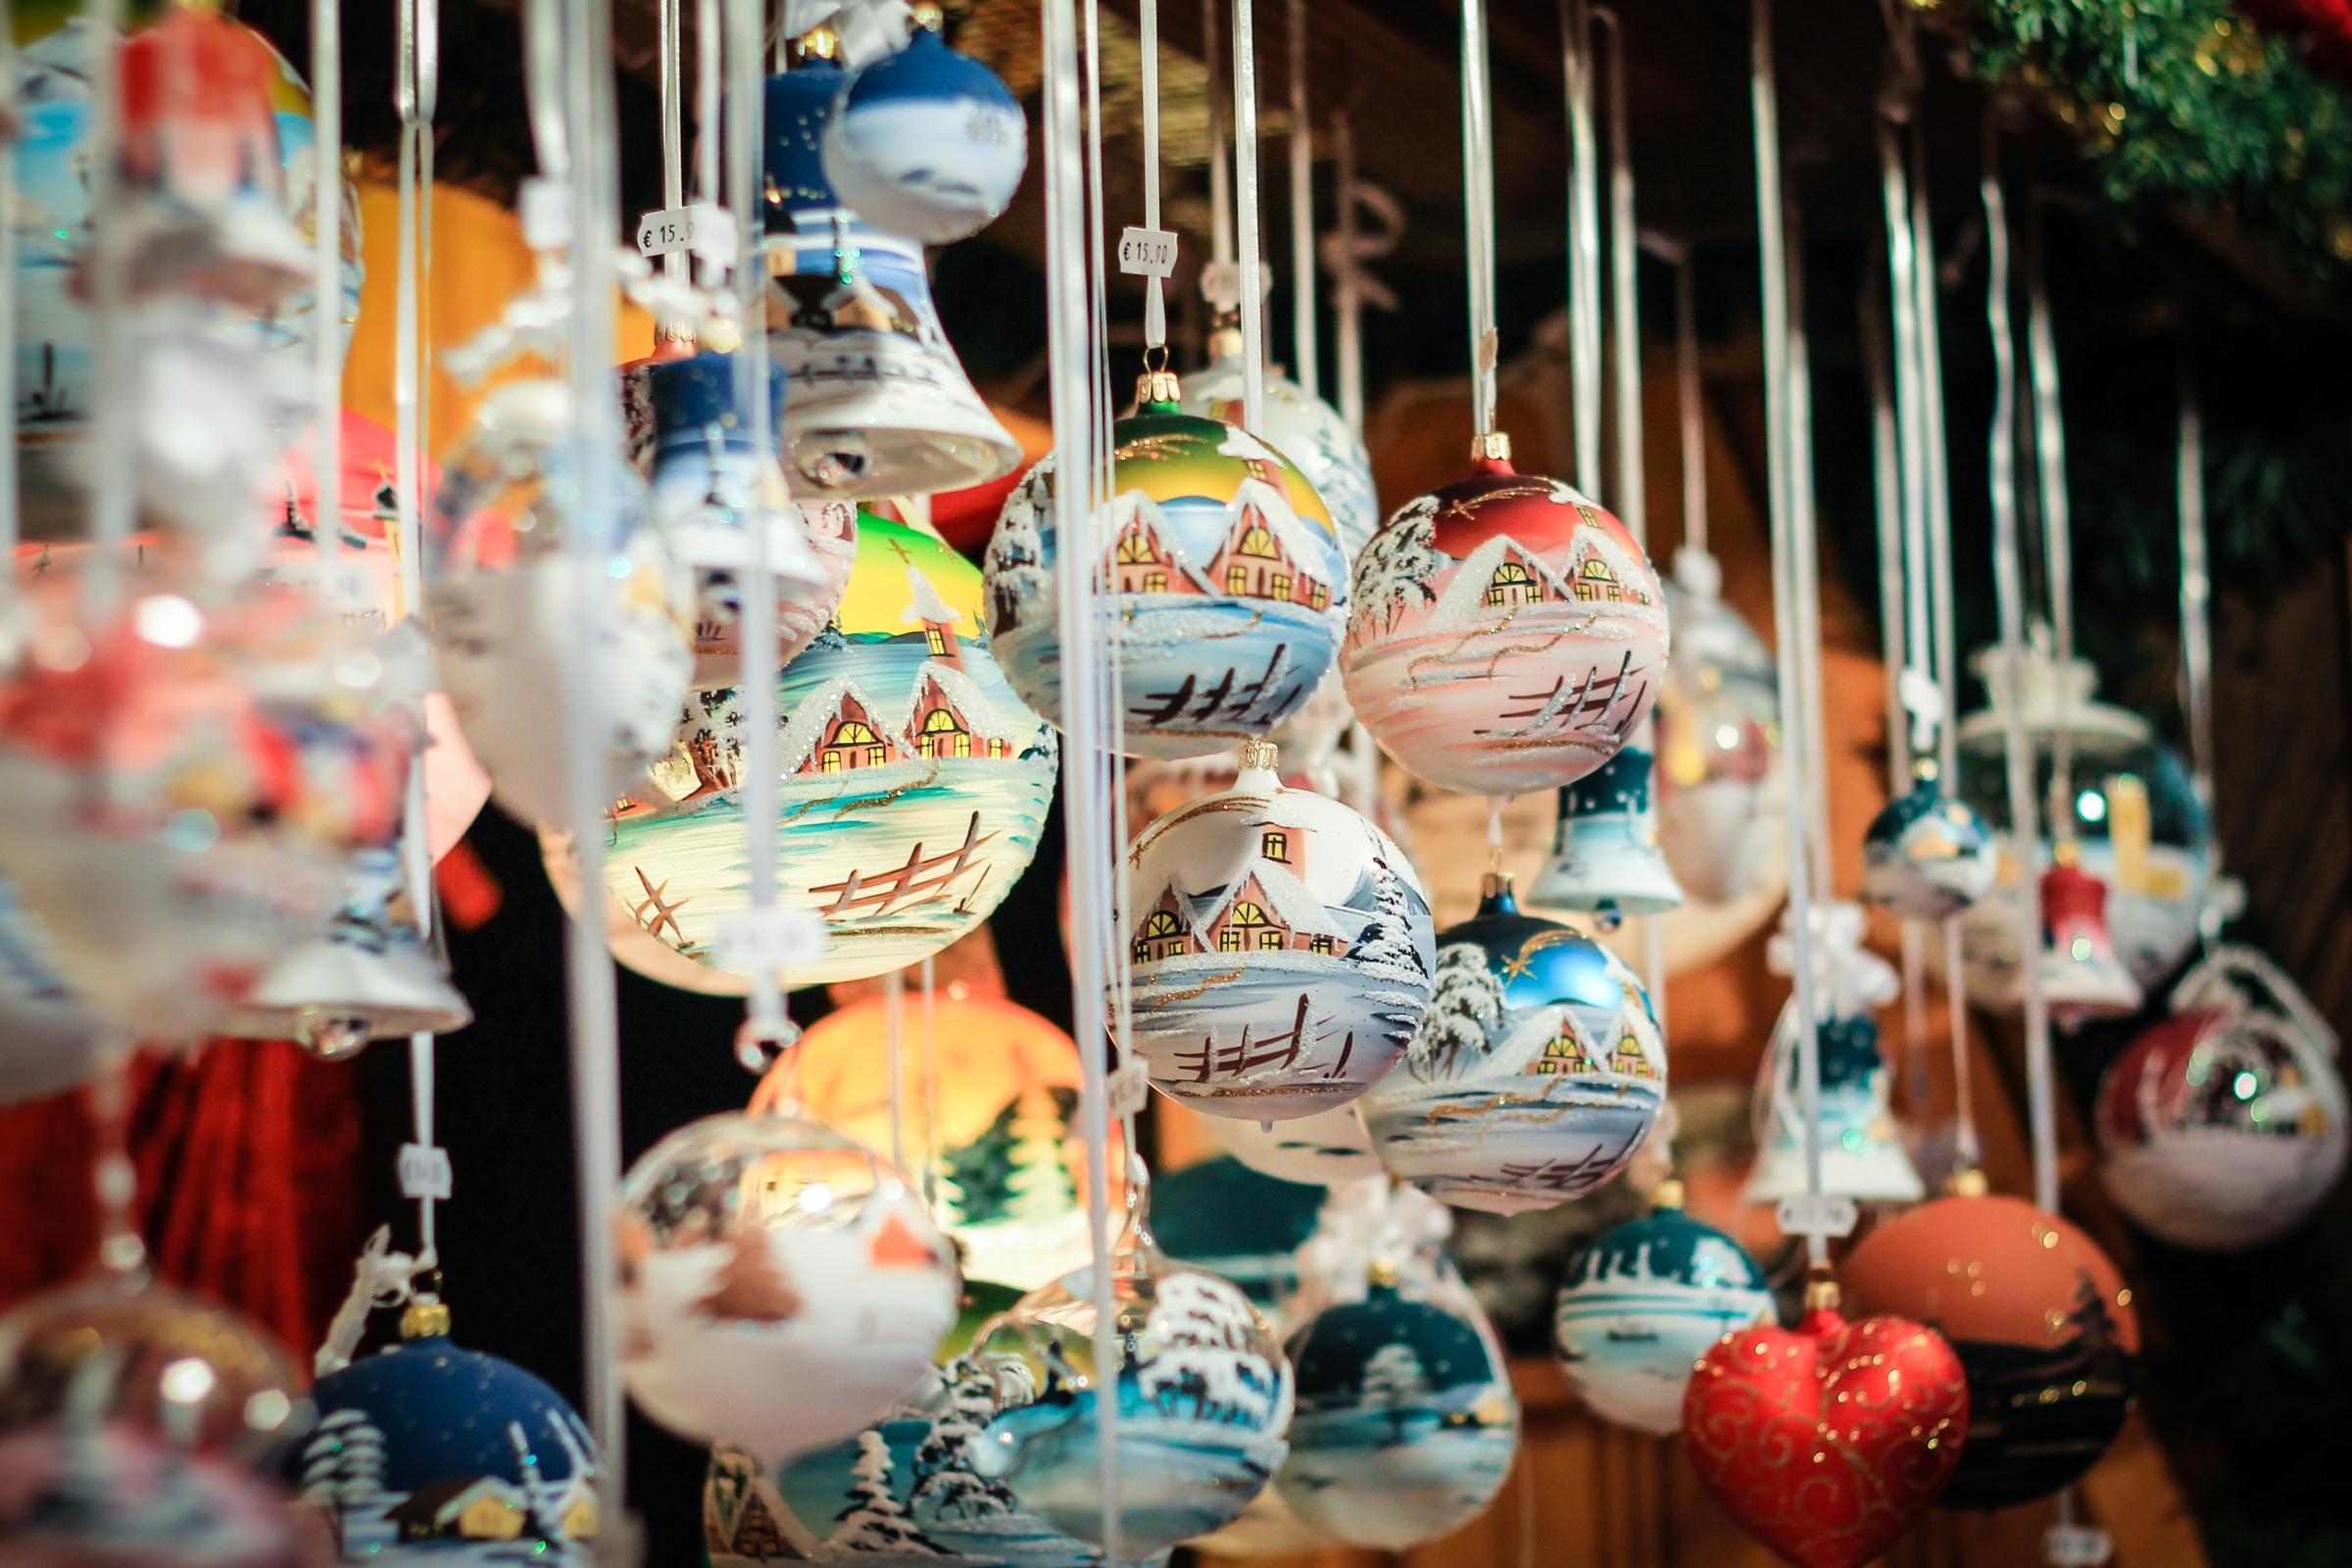 Boules de Noël artisanales au Marché de Noël de Regensburg, Allemagne